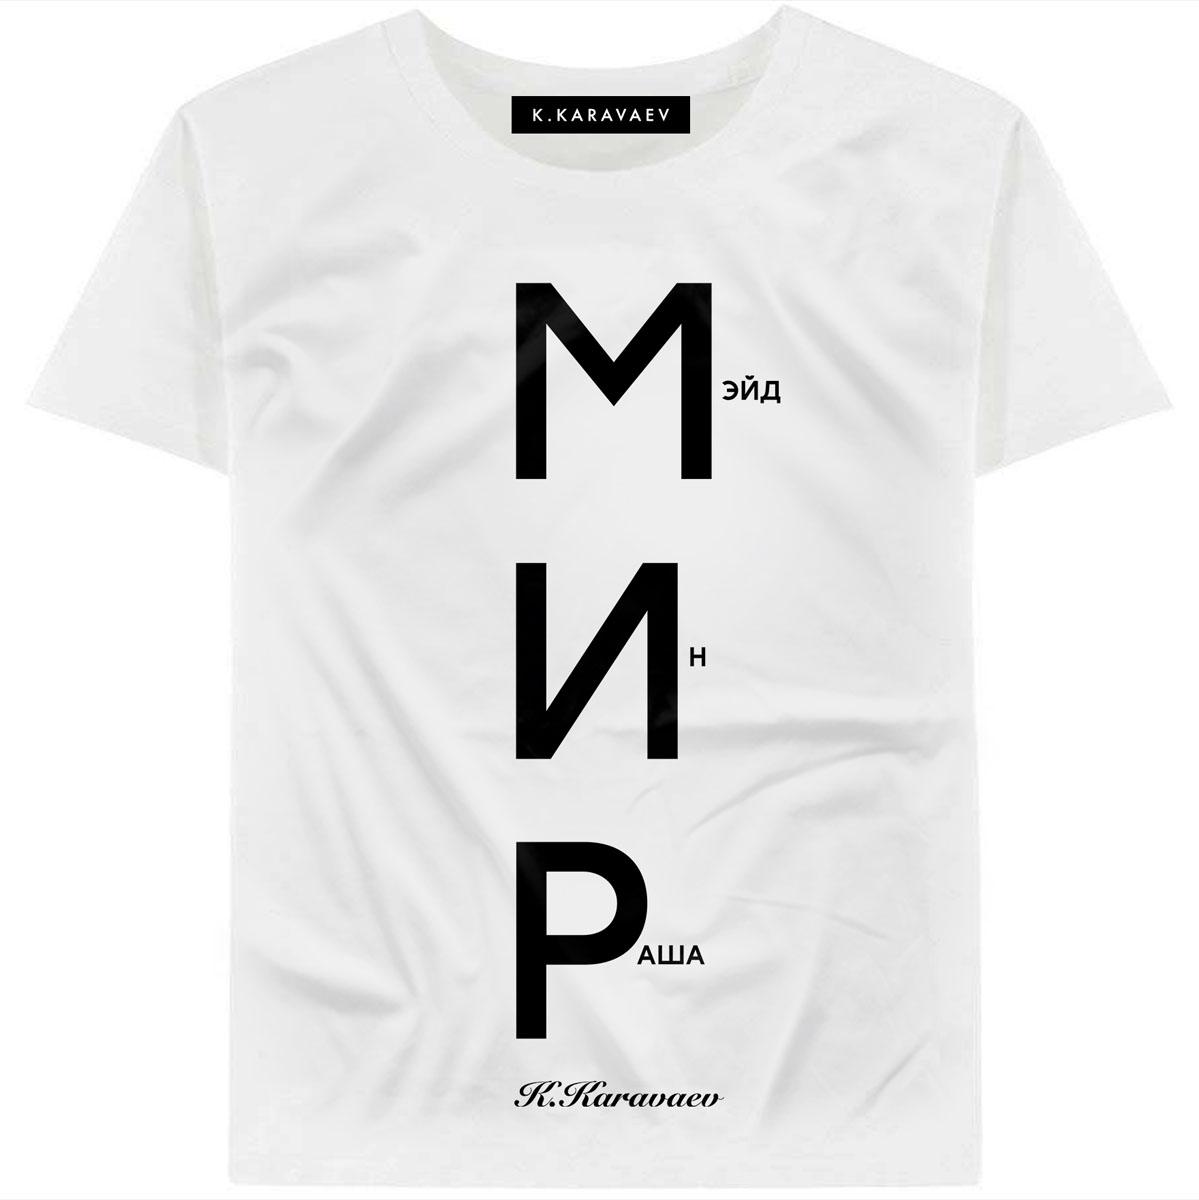 Футболка15.023.01.01.1Стильная футболка K.Karavaev, выполненная из высококачественного эластичного хлопка, обладает высокой воздухопроницаемостью и гигроскопичностью, позволяет коже дышать. Модель с короткими рукавами и круглым вырезом горловины - идеальный вариант для создания модного современного образа.